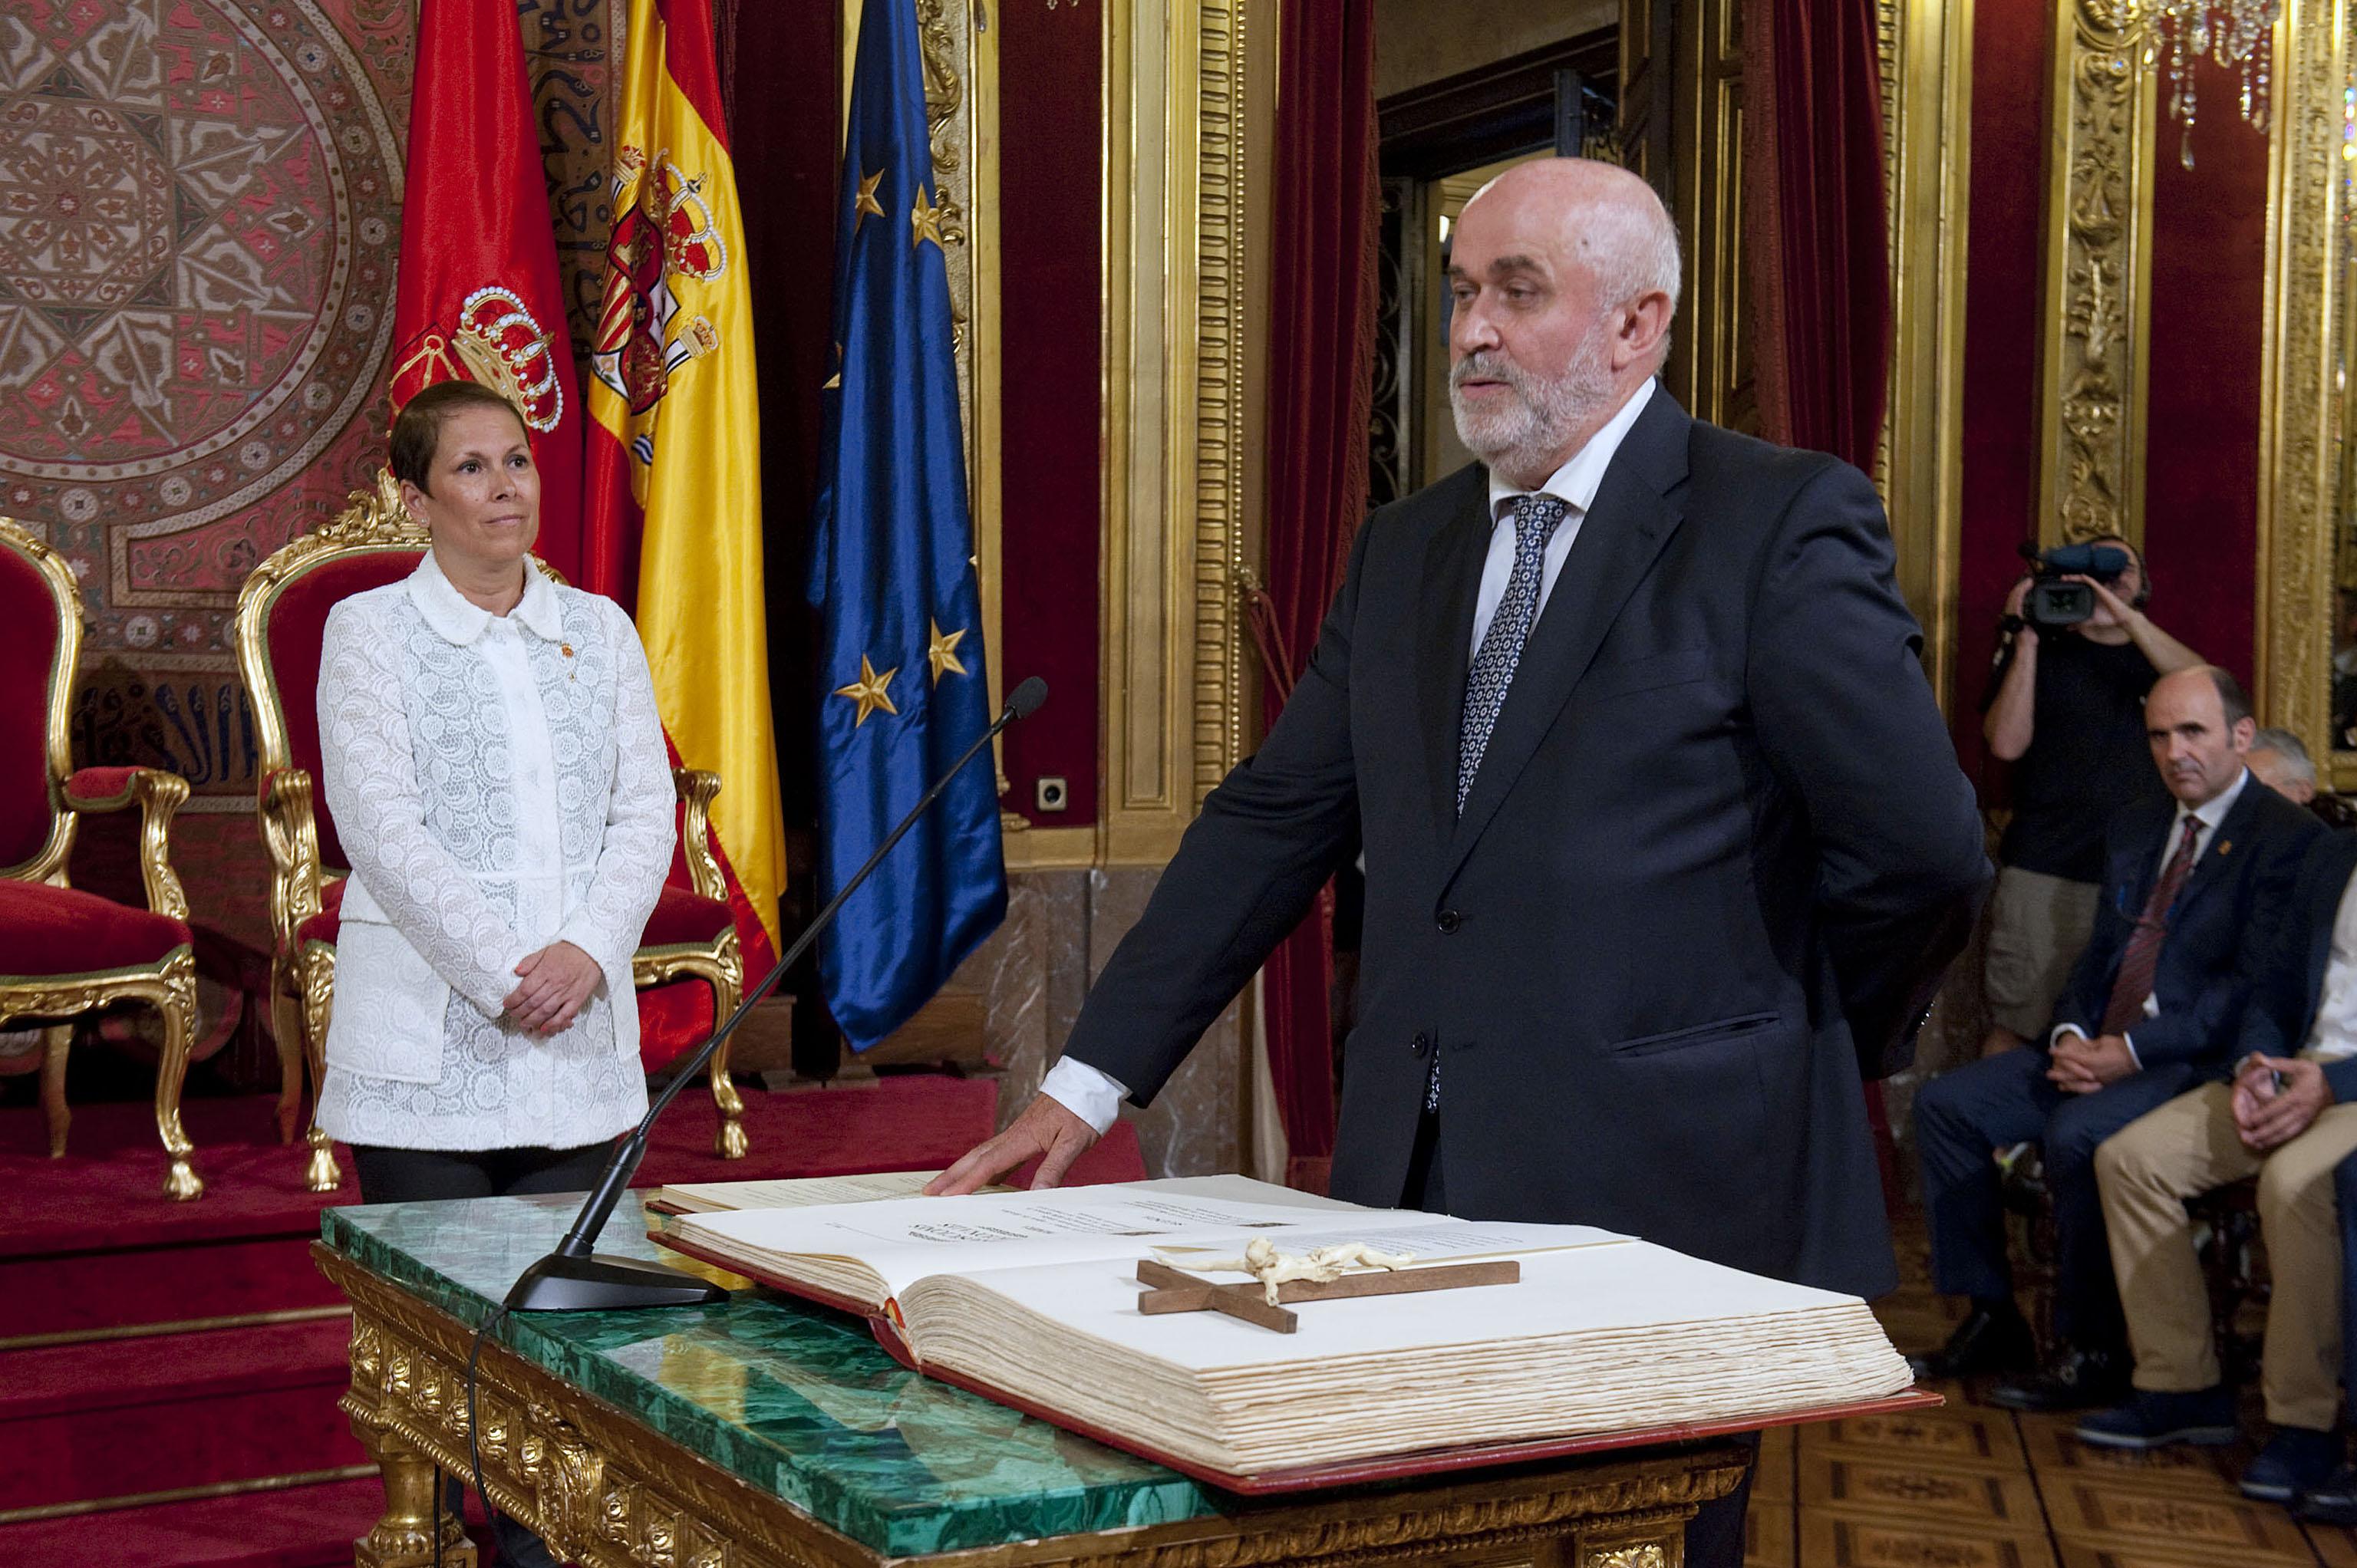 El consejero de Educación apuesta por la moratoria en la aplicación de la LOMCE en Navarra